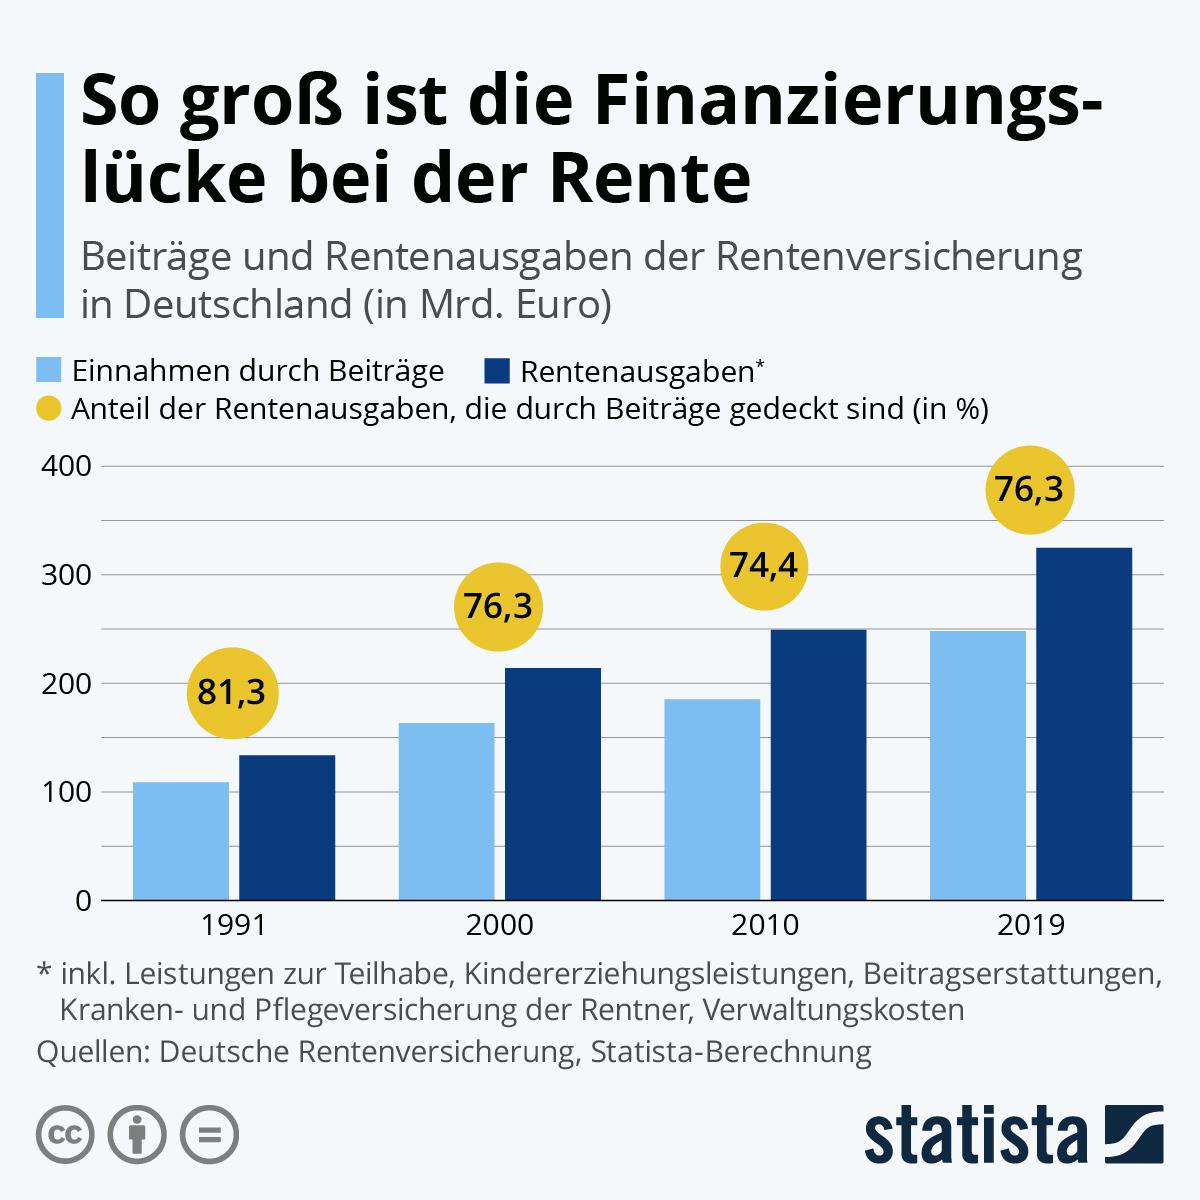 Infografik: So groß ist die Finanzierungslücke bei der Rente | Statista